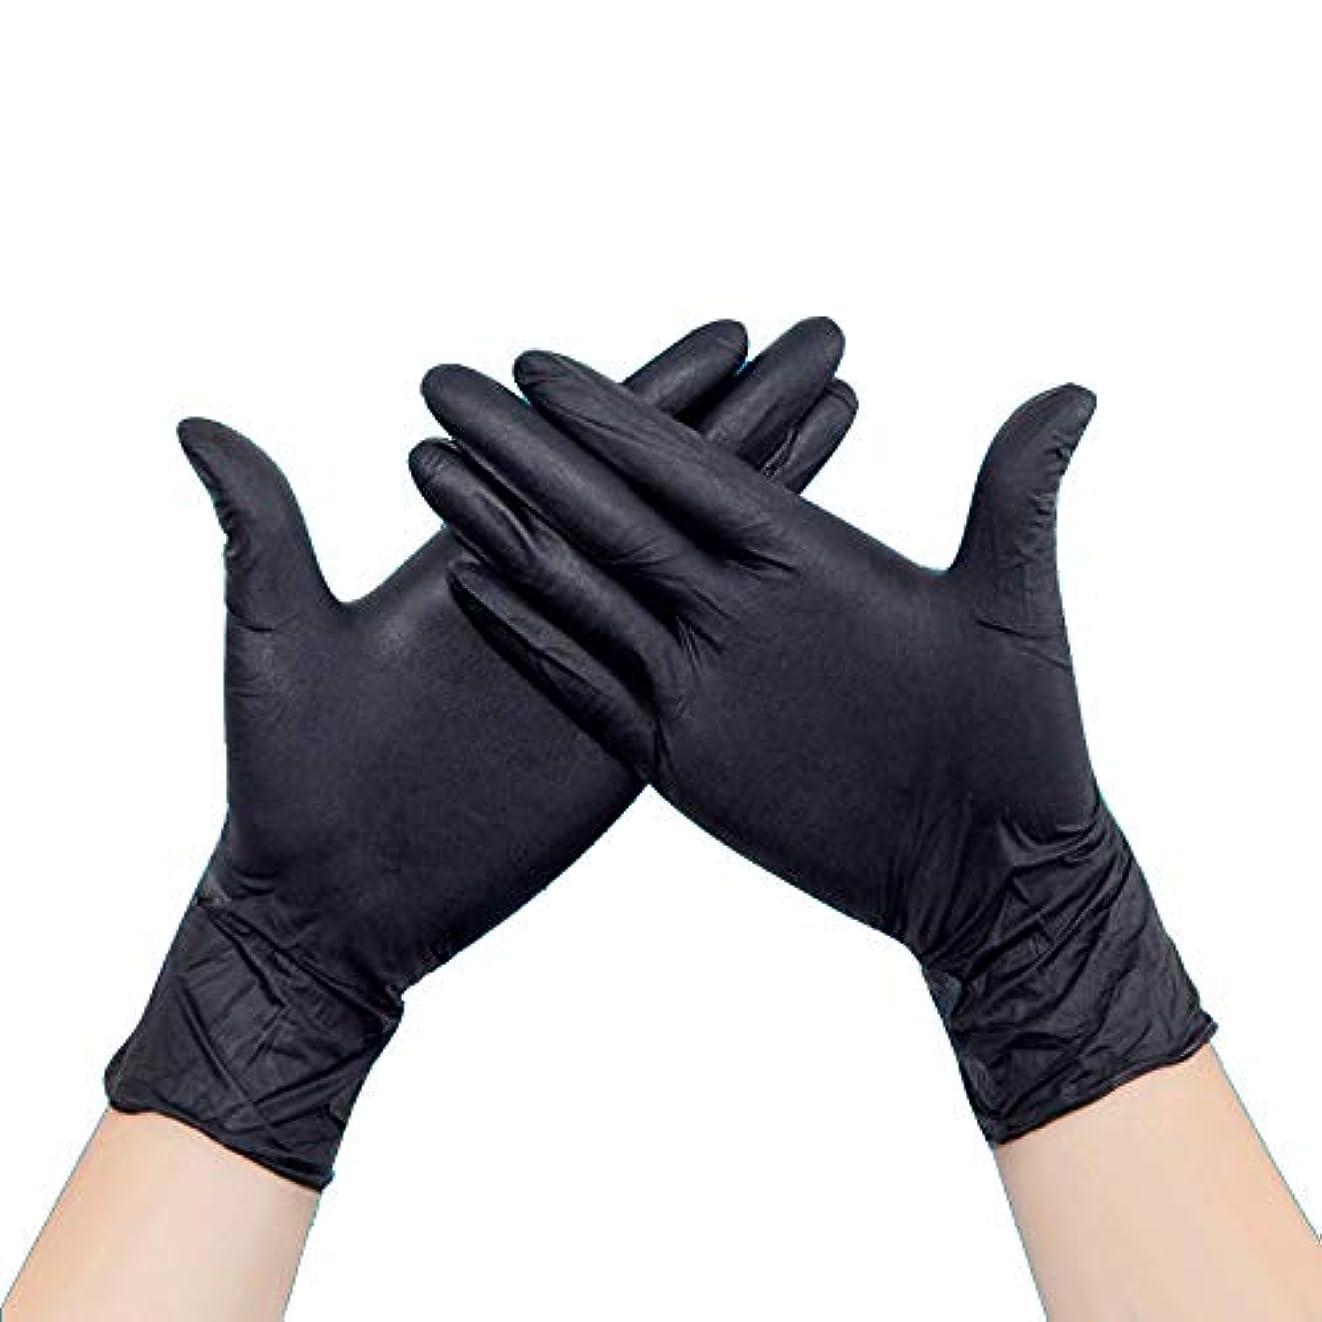 パネル作成するジャンプニトリル手袋 使い捨て手袋 メカニックグローブ 50枚入 家庭、クリーニング、実験室、ネイルアート ブラック 帯電防止手袋 左右兼用